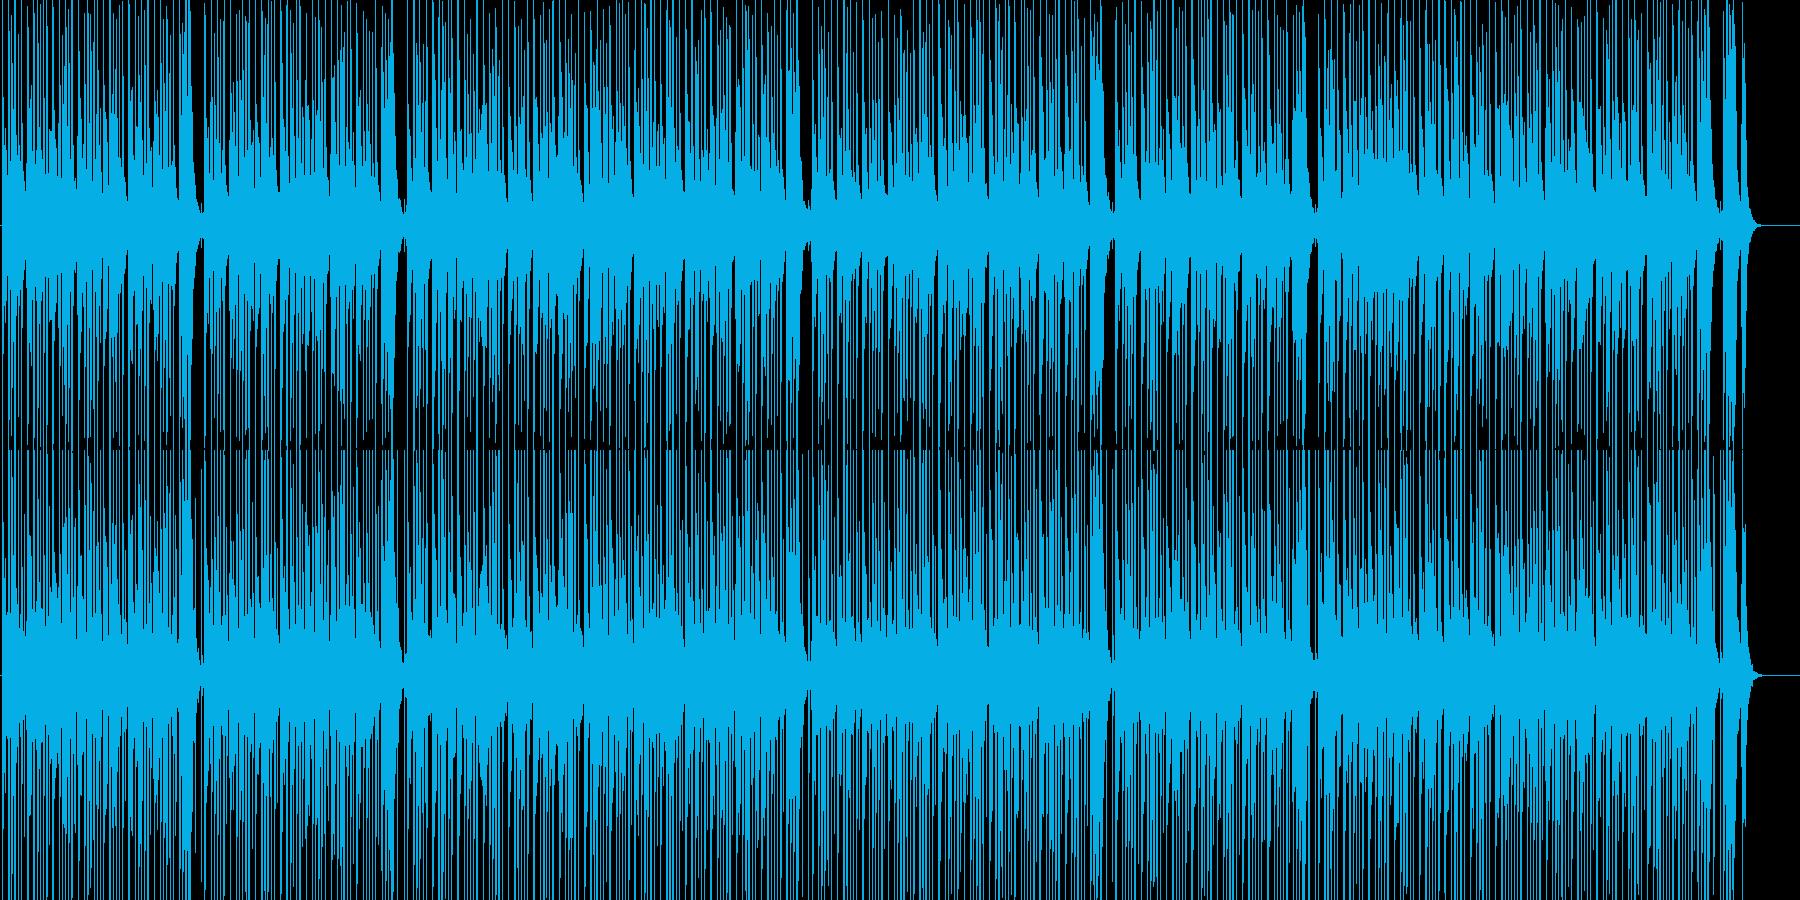 楽しい コミカル ほのぼの ペット 子供の再生済みの波形